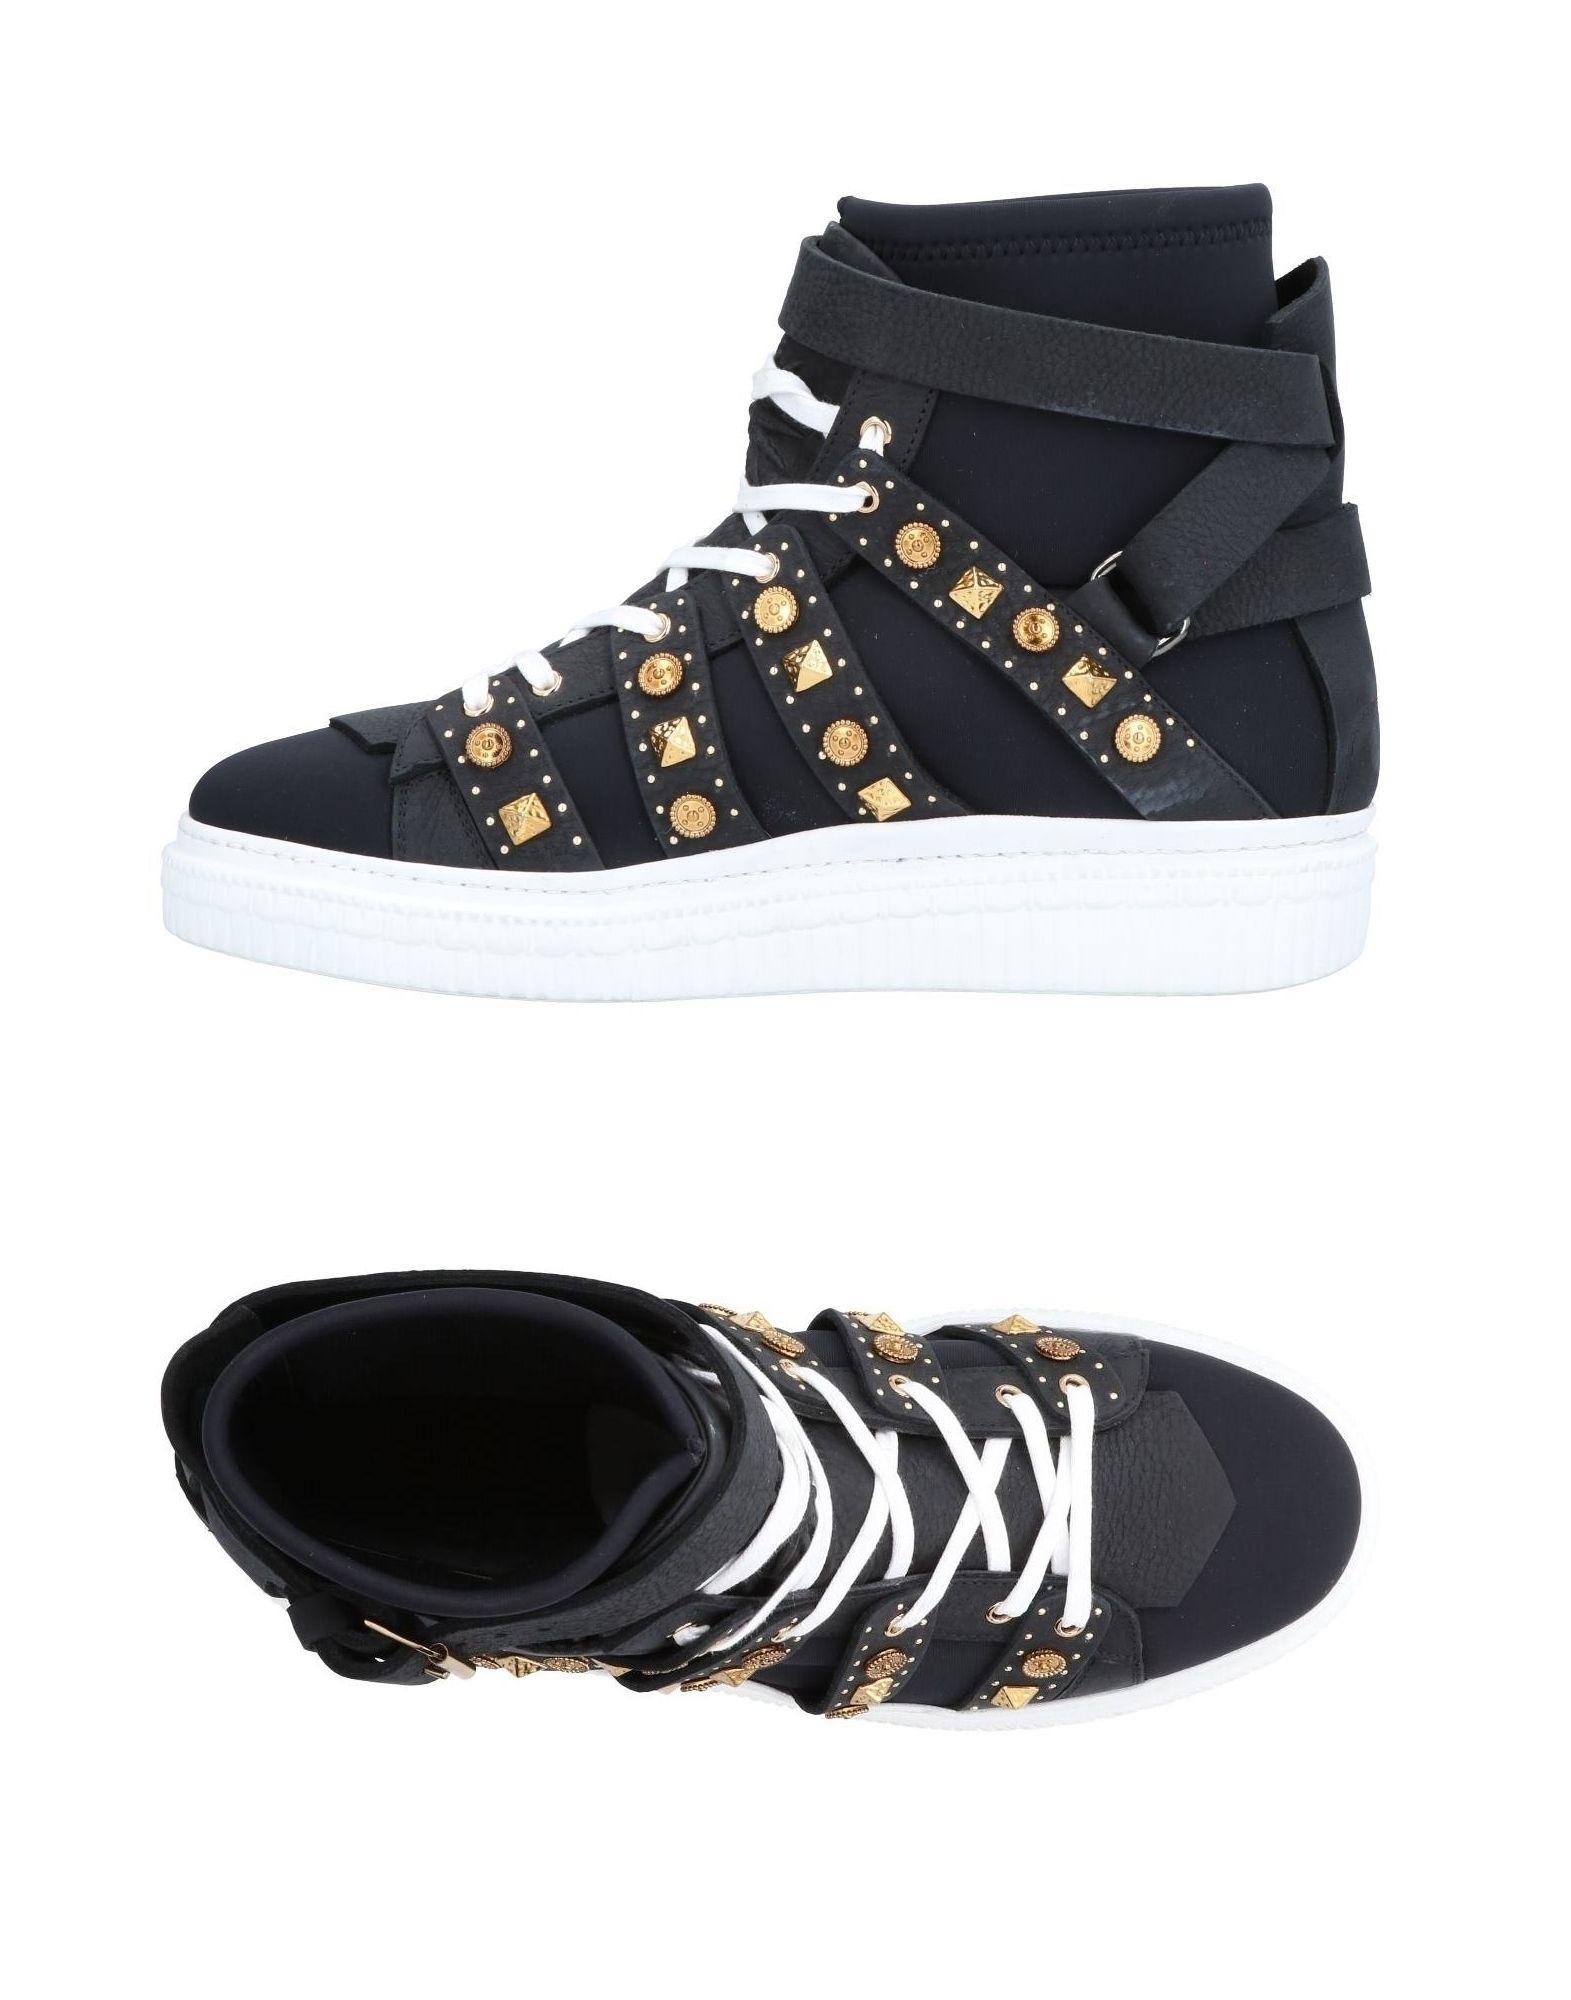 Sneakers Fausto Puglisi Homme - Sneakers Fausto Puglisi  Noir Nouvelles chaussures pour hommes et femmes, remise limitée dans le temps